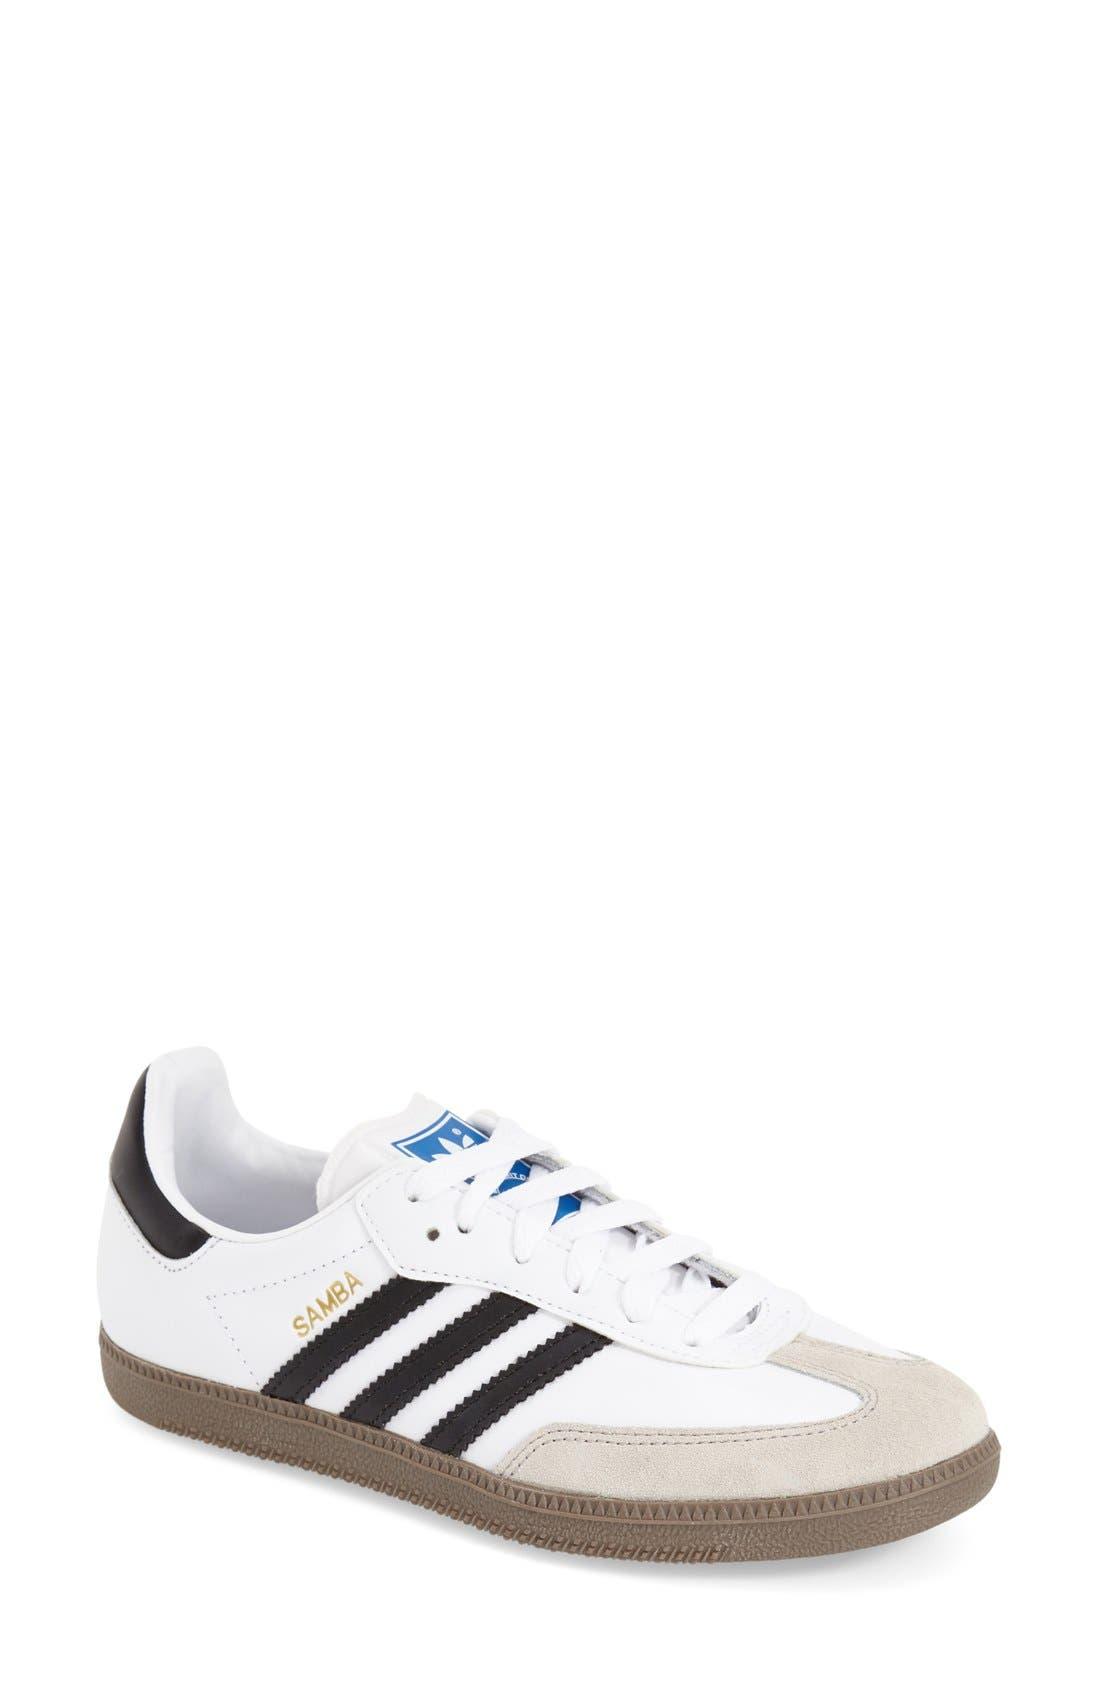 Alternate Image 1 Selected - adidas 'Samba' Sneaker (Women)